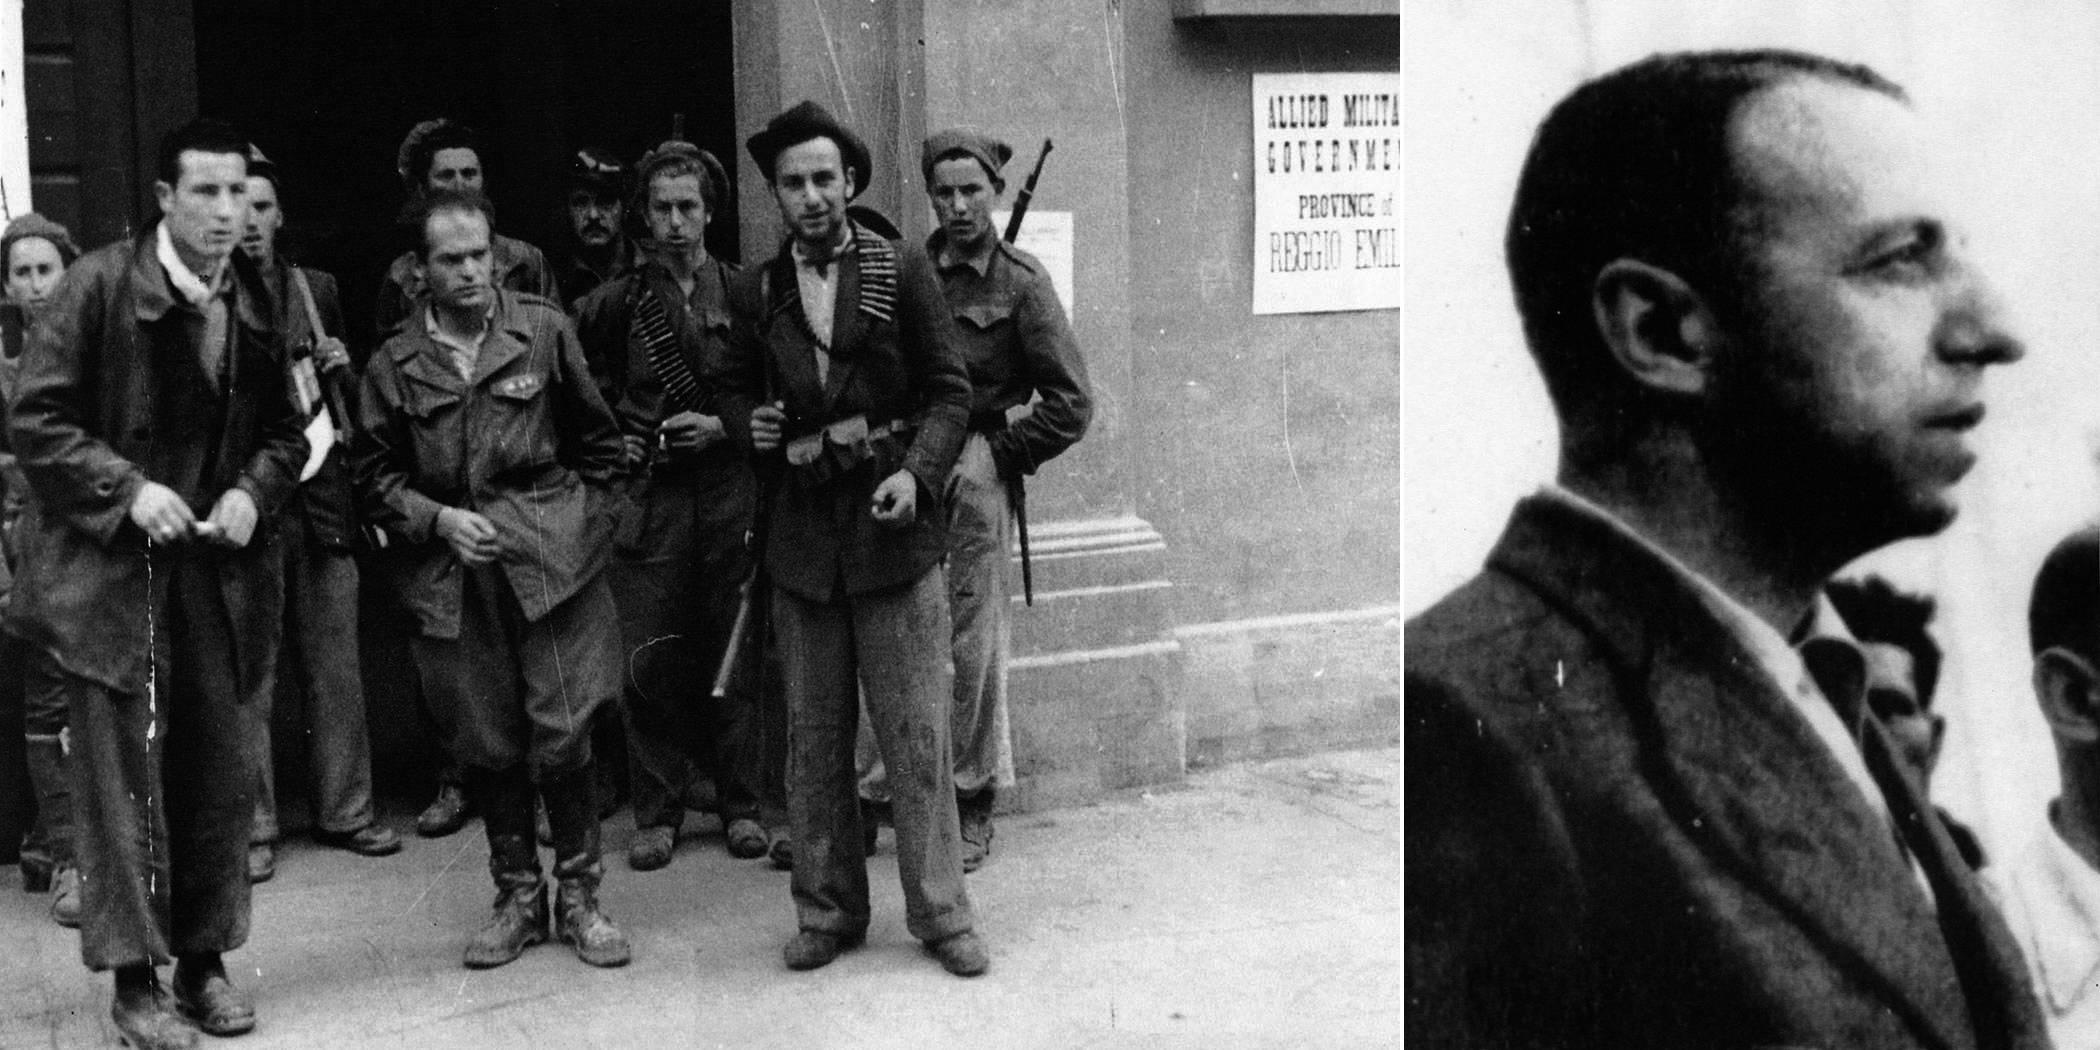 """GRUPPO DI PARTIGIANI ALL'INGRESSO DELLA PREFETTURA IN CORSO GARIBALDI, AL CENTRO IN PRIMO PIANO DIDIMO FERRARI """"EROS"""", COMMISSARIO GENERALE DEL COMANDO UNICO. ACCANTO PRIMO PIANO DI VITTORIO PELLIZZI FOTOTECA ISTORECO, REGGIO EMILIA 1945"""